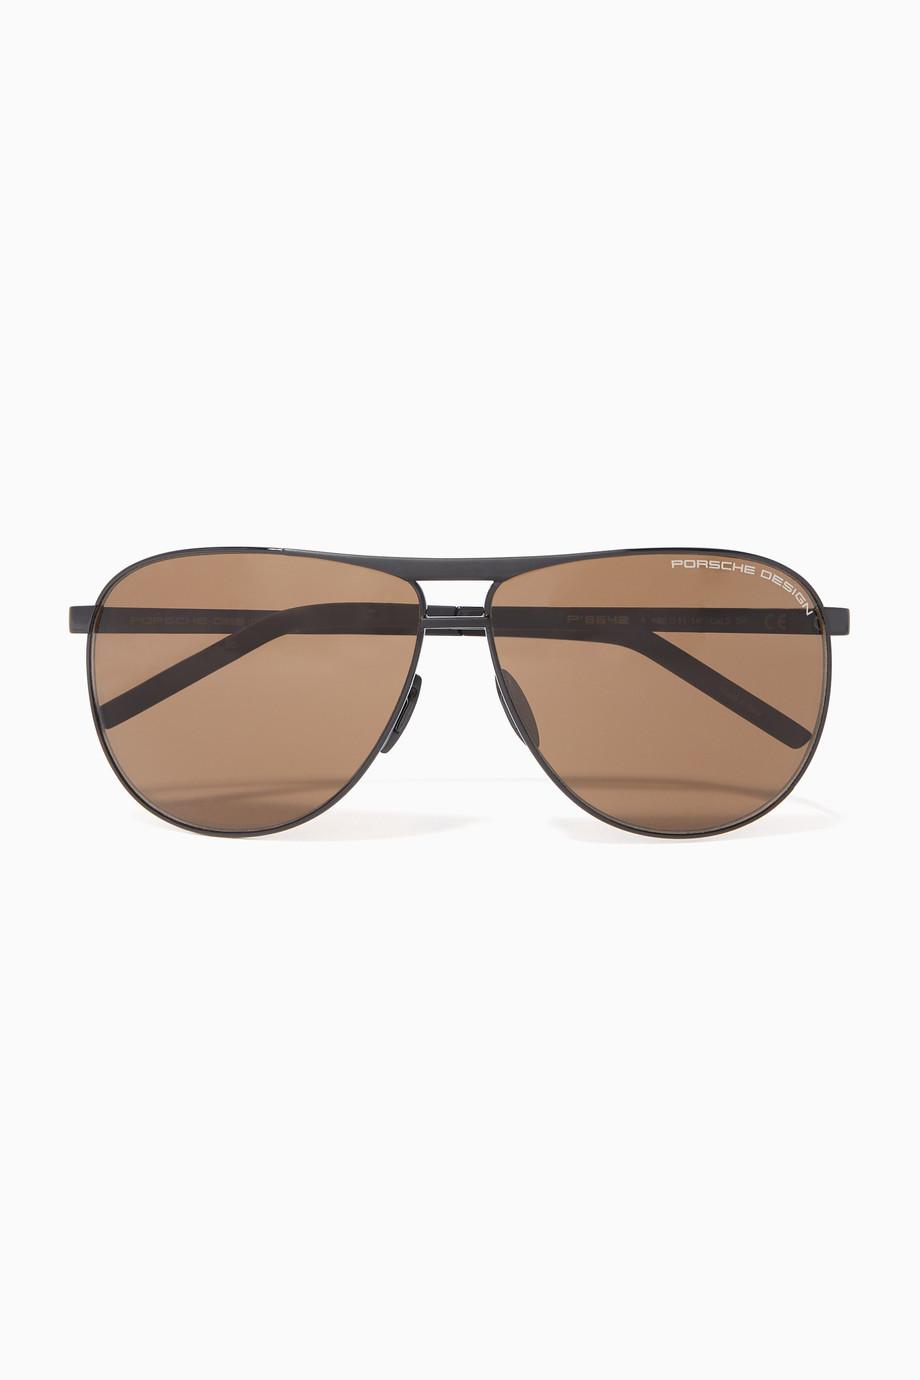 98098b6c6 تسوق نظارة شمسية أفياتور P' 8642 Porsche Design بنى للرجال | اُناس